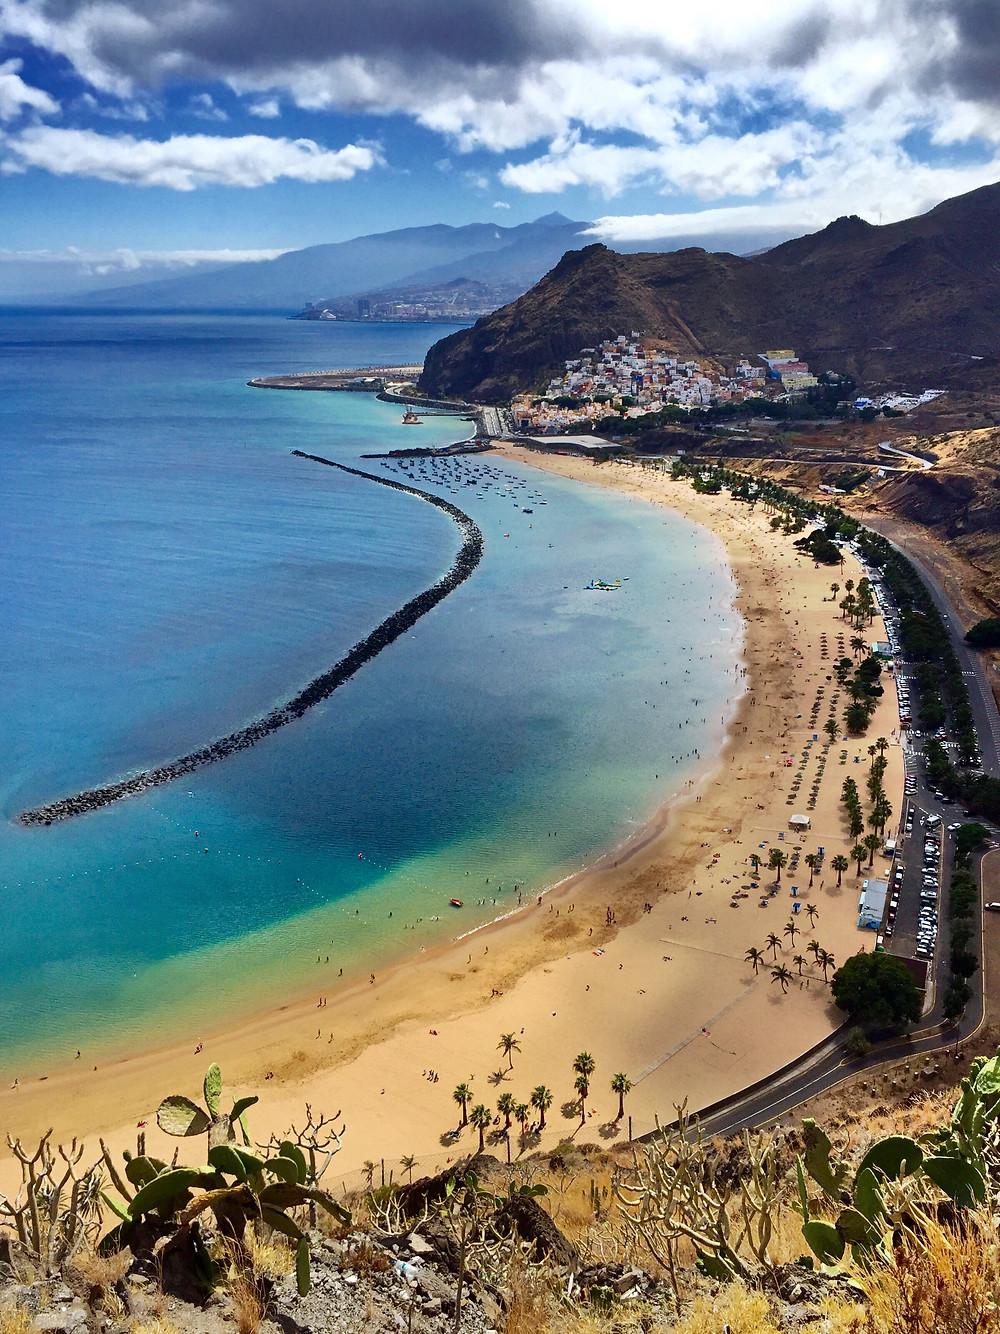 Playa de las teresitas tenerife santa cruz